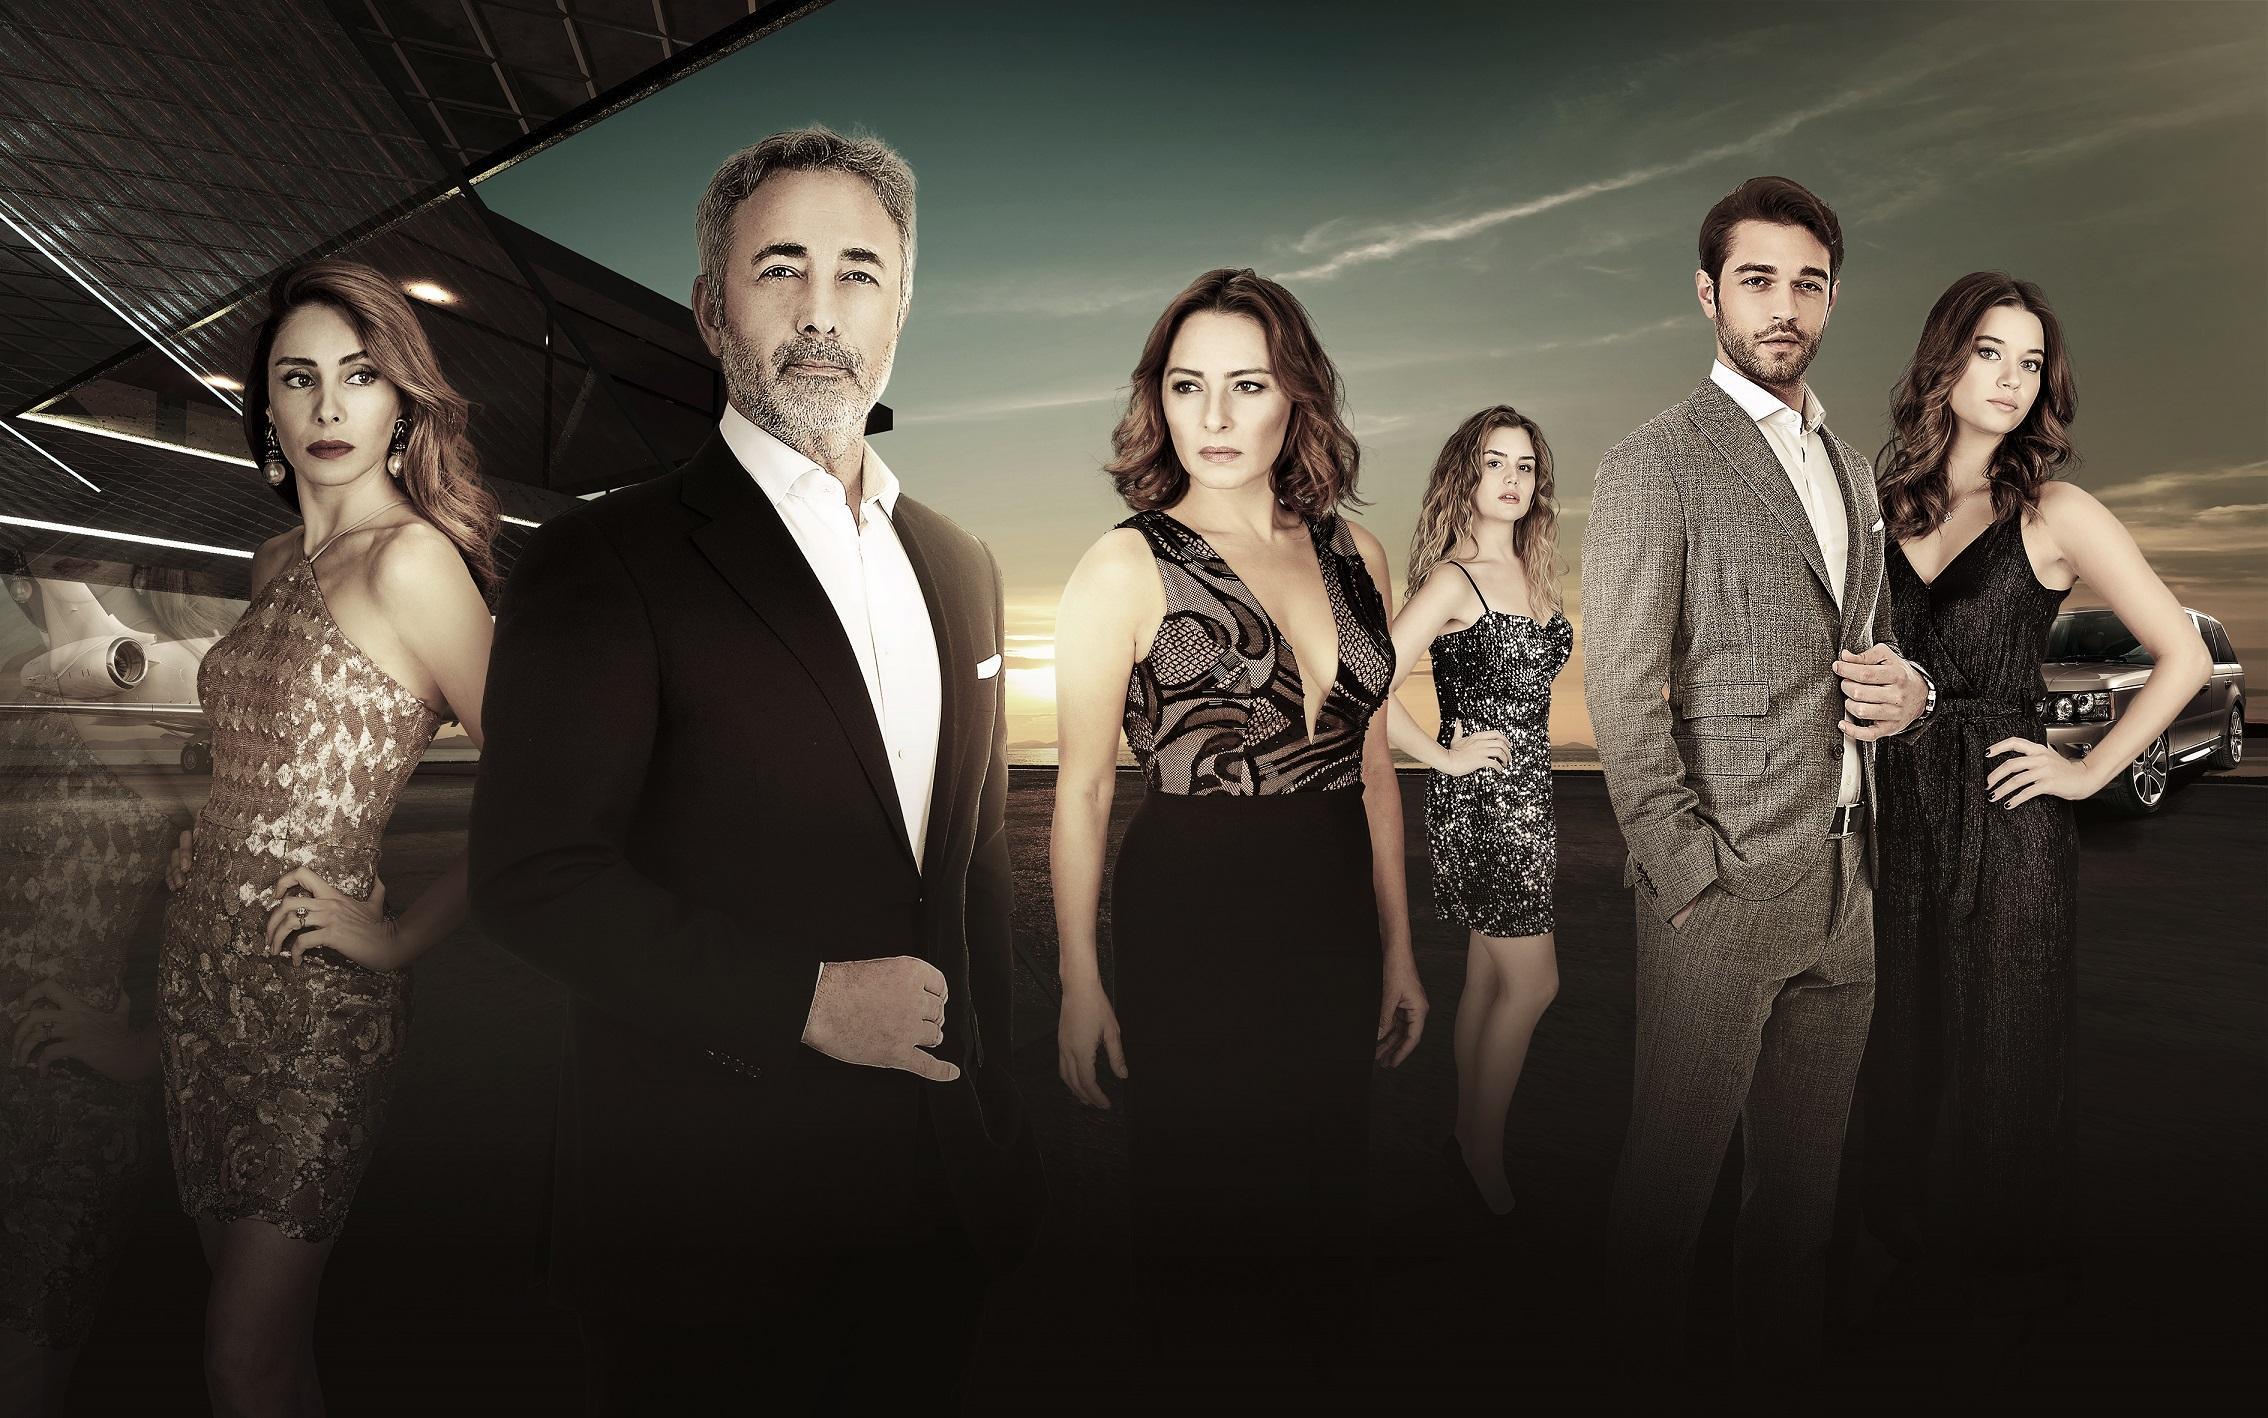 Începând de mâine, de la ora 14:00, Antena 1 difuzează serialul Surorile (Kardeş Çocuklari)